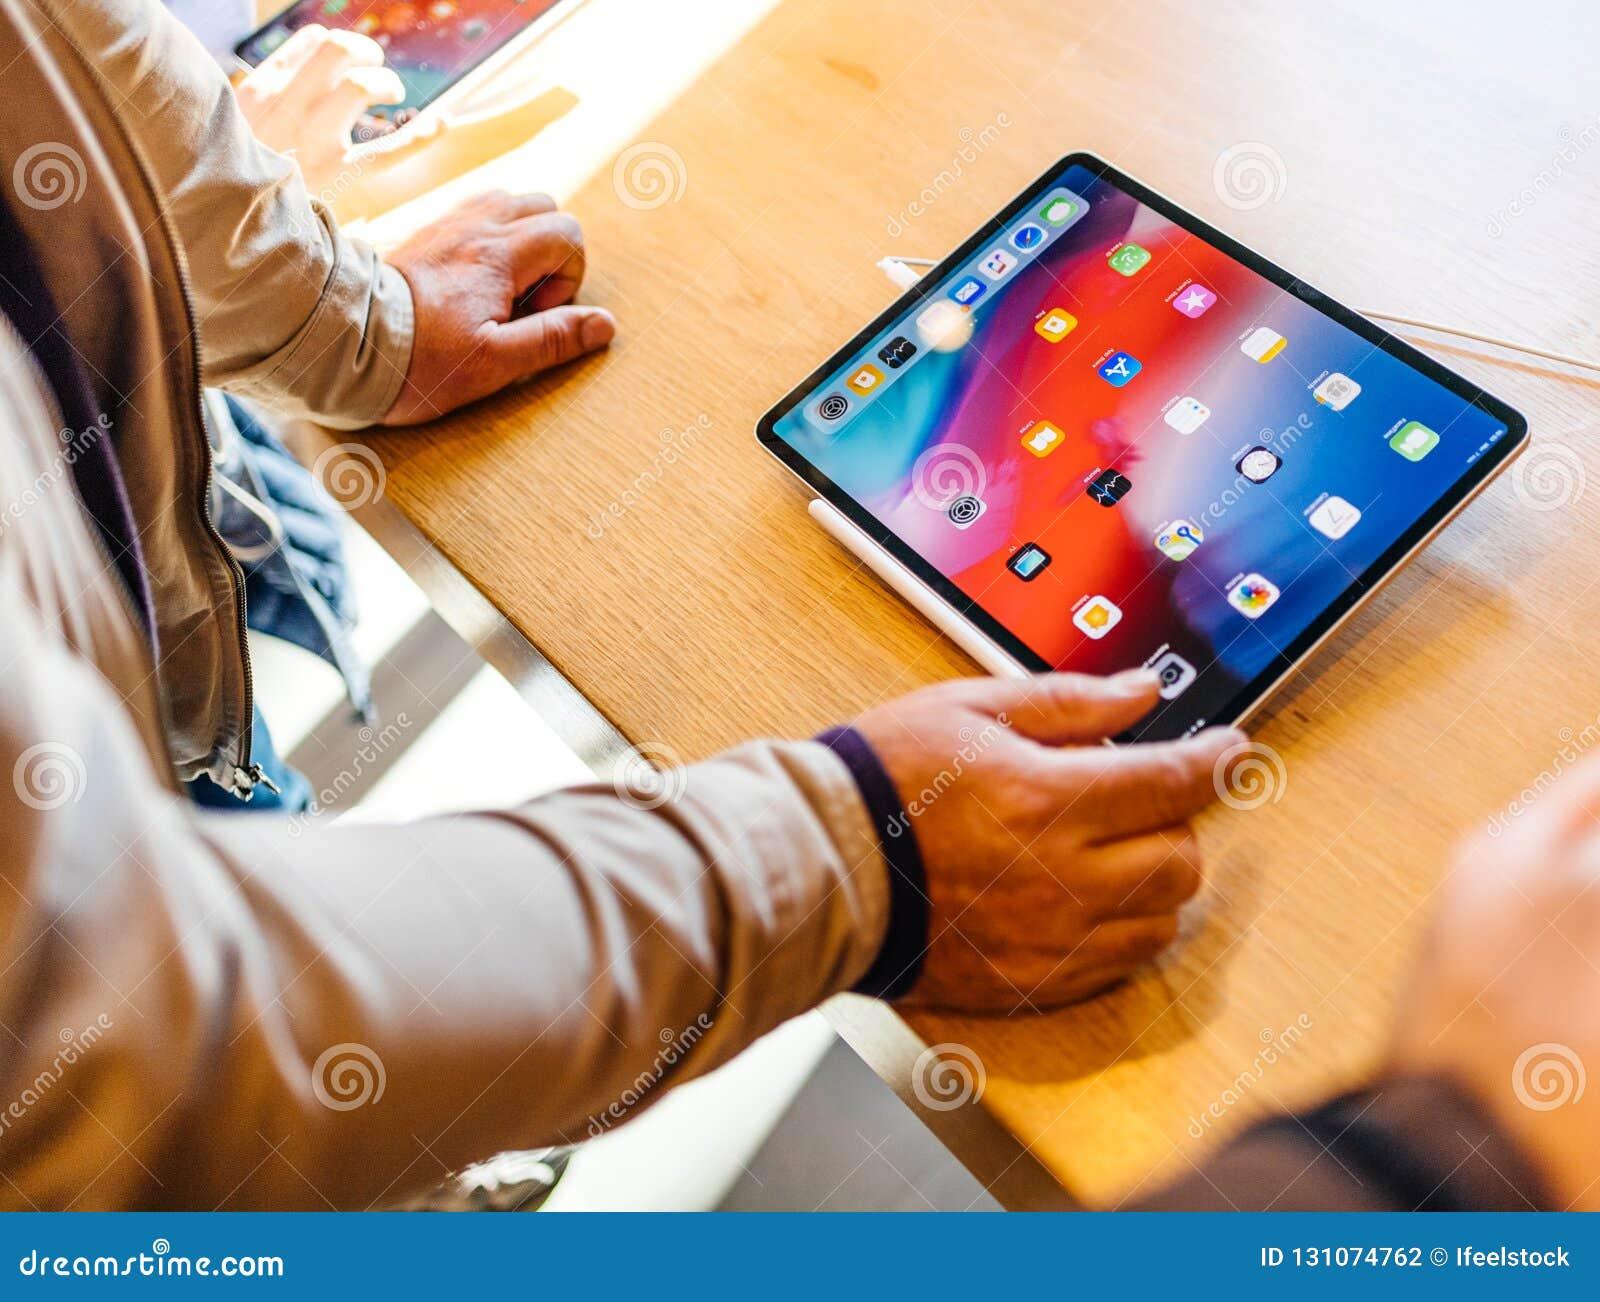 New Apple Computers iPad Pro tablet senior admiring tablet